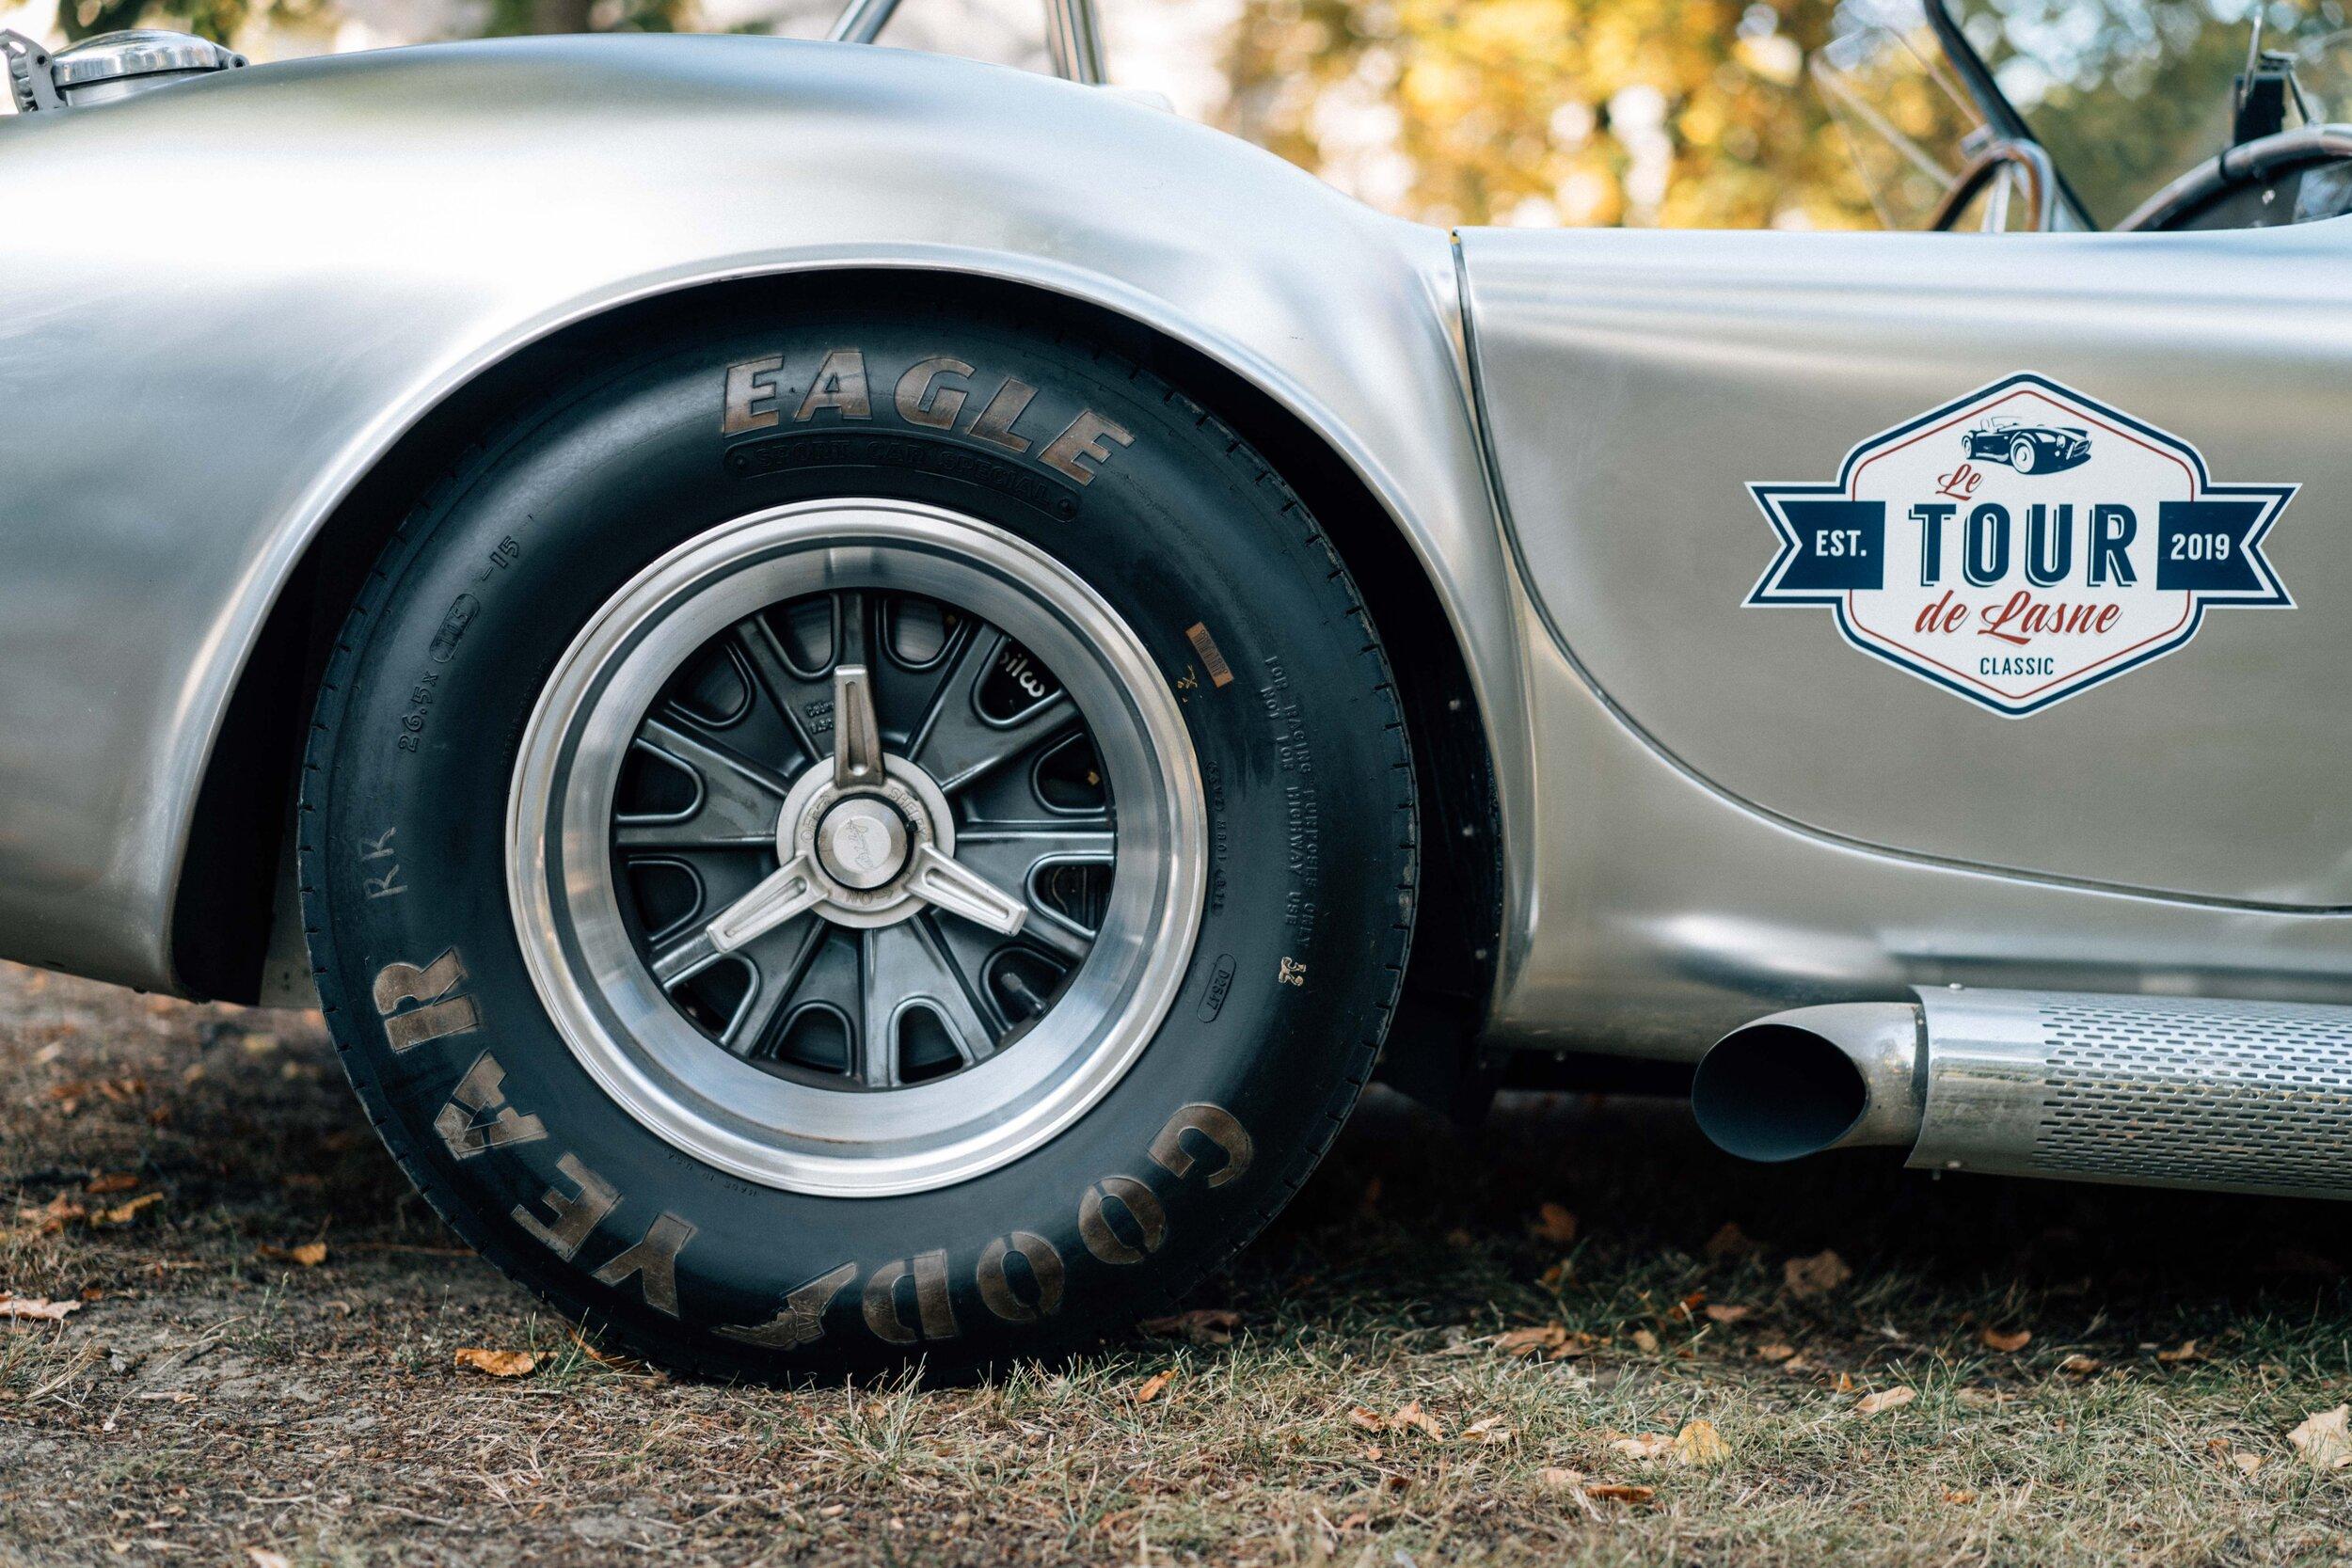 Le Tour de Lasne - A vintage cars rally - 1st edition